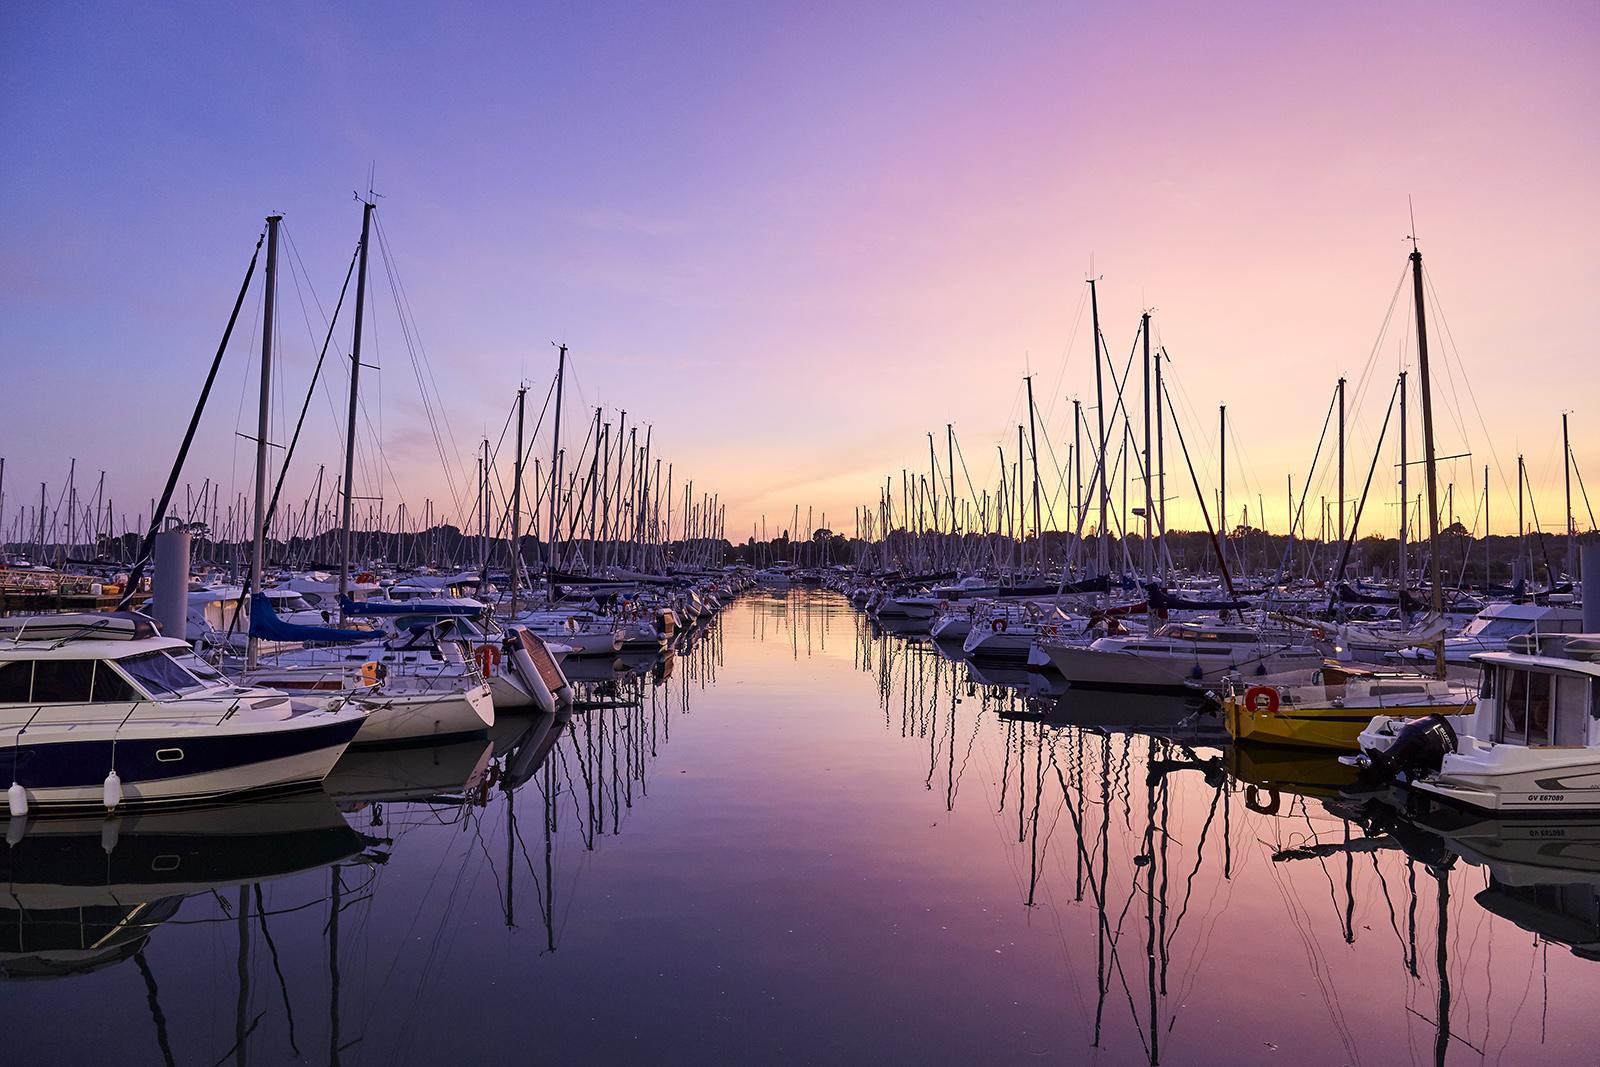 Nuit rose sur le port